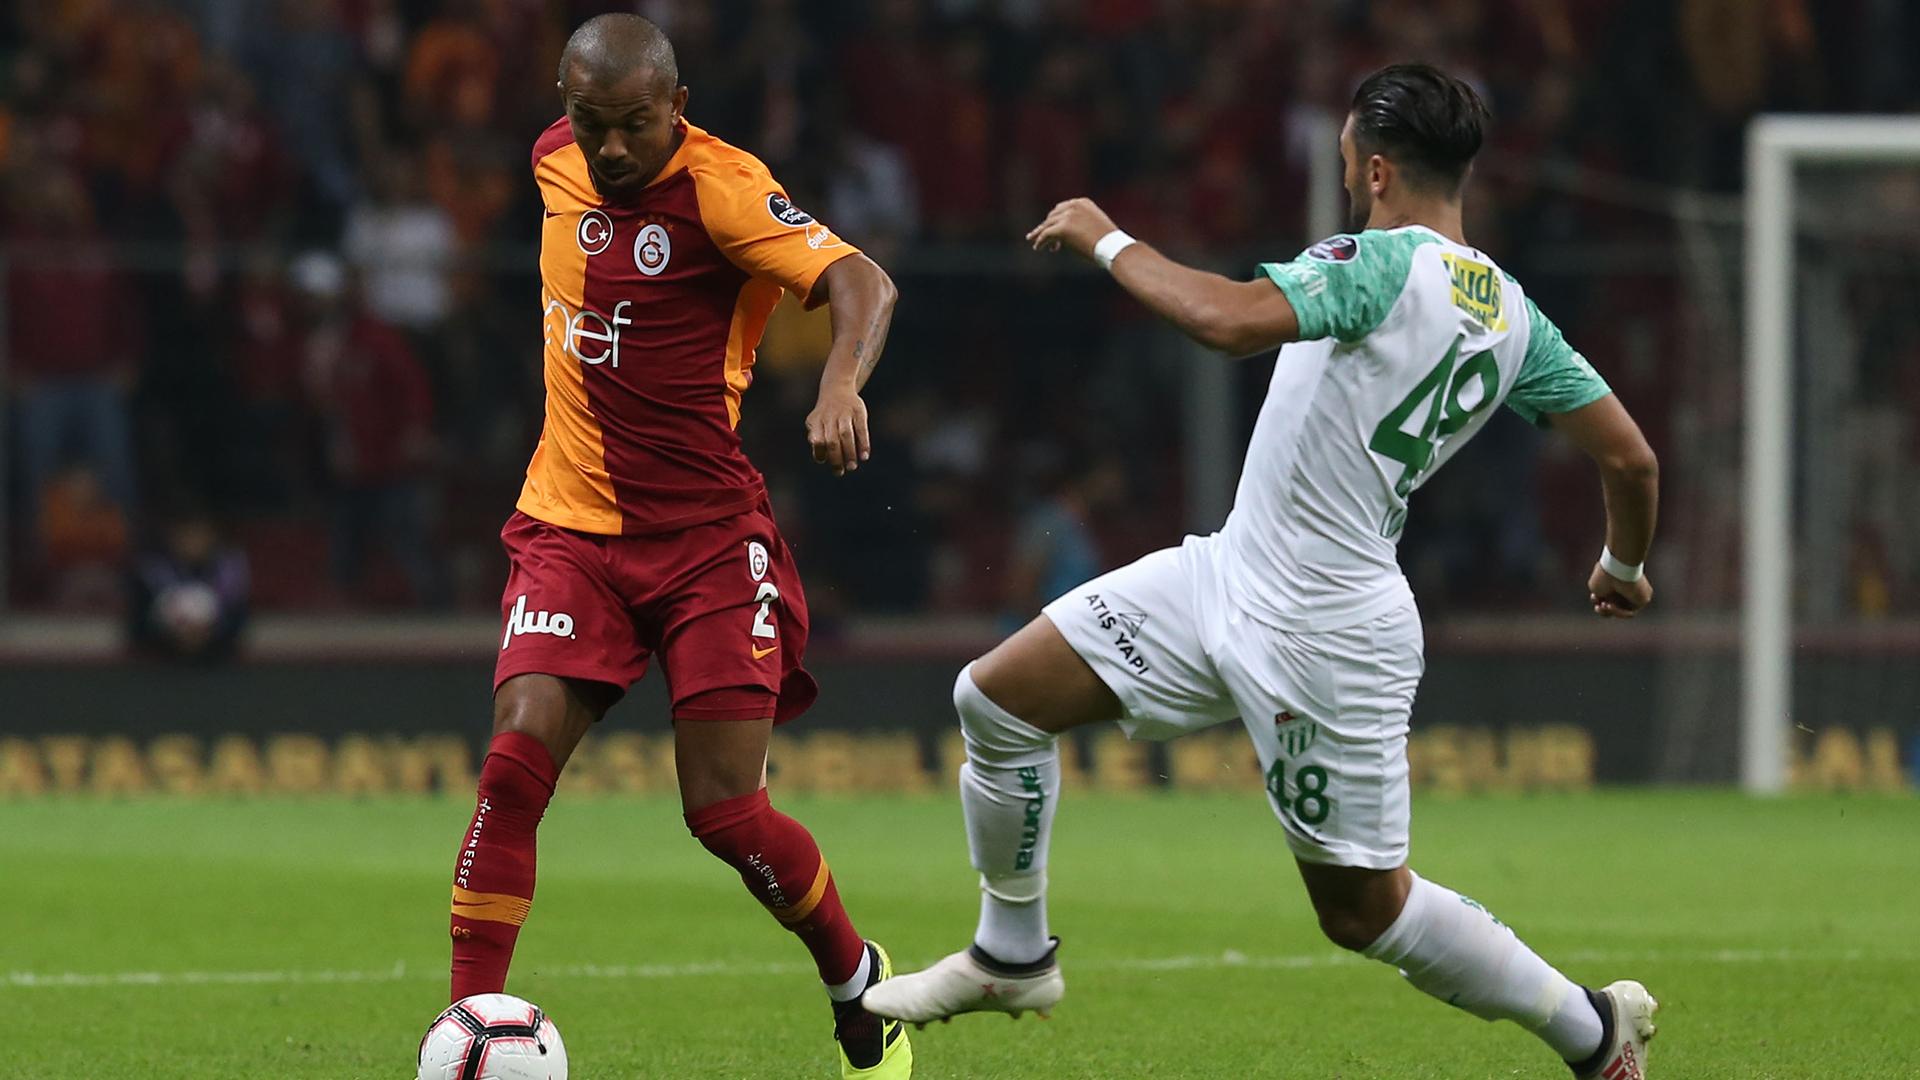 Mariano Umut Meras Galatasaray Bursaspor 10192018